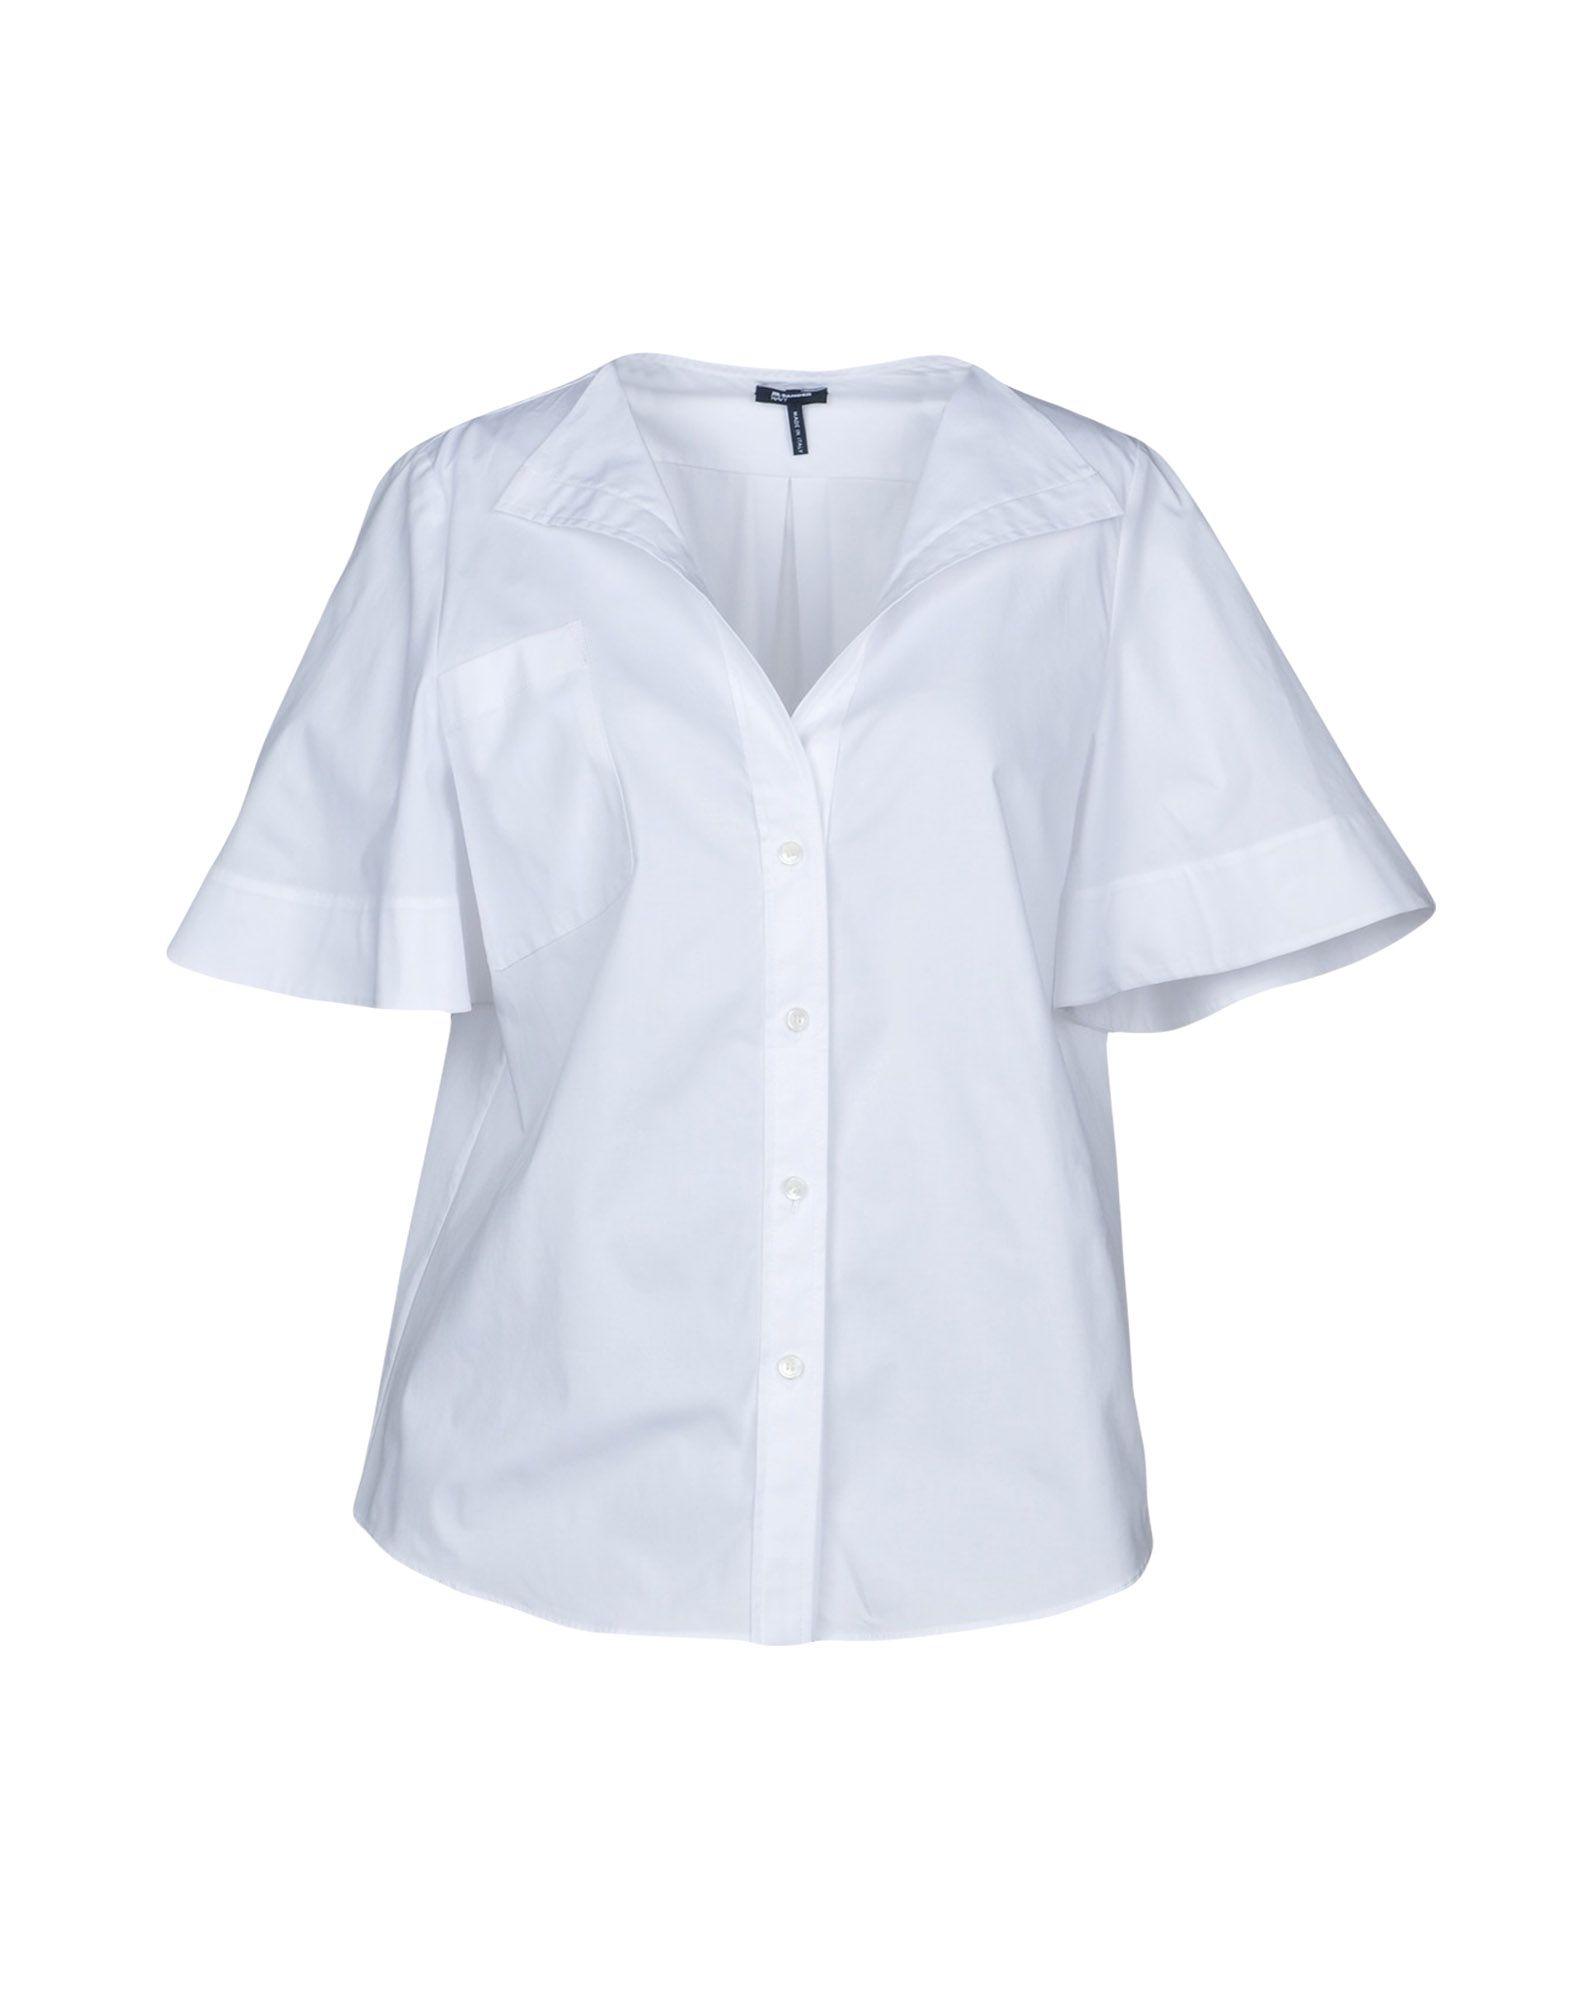 JIL SANDER NAVY Pубашка navy spaghetti v neck sleeveless bowknot pajama